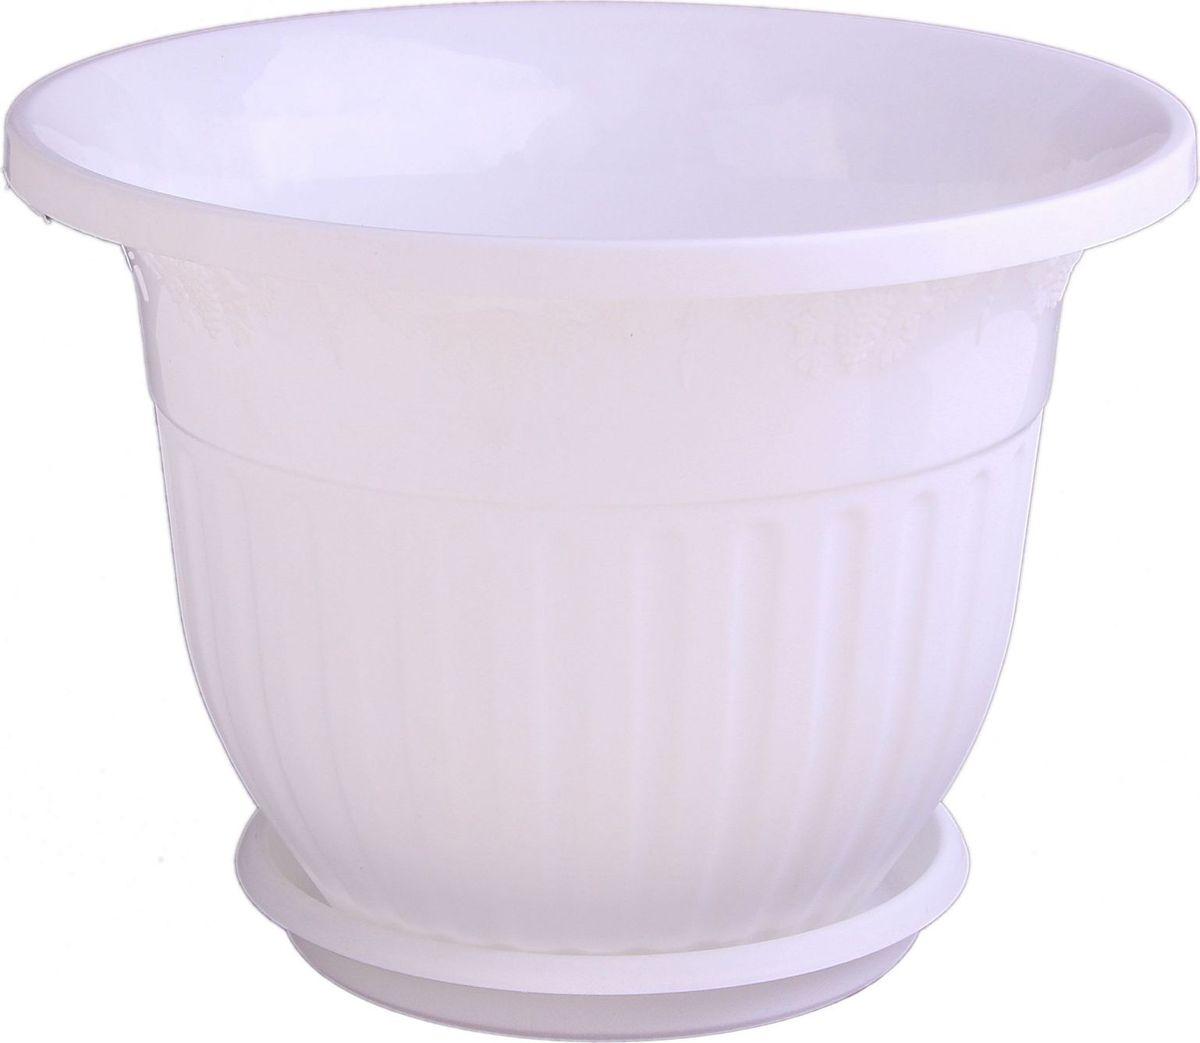 Кашпо Альтернатива Лозанна, с поддоном, цвет: белый, 7 л577793Любой, даже самый современный и продуманный интерьер будет не завершённым без растений. Они не только очищают воздух и насыщают его кислородом, но и заметно украшают окружающее пространство. Такому полезному &laquo члену семьи&raquoпросто необходимо красивое и функциональное кашпо, оригинальный горшок или необычная ваза! Мы предлагаем - Горшок-кашпо 7 л Лозанна, поддон, цвет белый!Оптимальный выбор материала &mdash &nbsp пластмасса! Почему мы так считаем? Малый вес. С лёгкостью переносите горшки и кашпо с места на место, ставьте их на столики или полки, подвешивайте под потолок, не беспокоясь о нагрузке. Простота ухода. Пластиковые изделия не нуждаются в специальных условиях хранения. Их&nbsp легко чистить &mdashдостаточно просто сполоснуть тёплой водой. Никаких царапин. Пластиковые кашпо не царапают и не загрязняют поверхности, на которых стоят. Пластик дольше хранит влагу, а значит &mdashрастение реже нуждается в поливе. Пластмасса не пропускает воздух &mdashкорневой системе растения не грозят резкие перепады температур. Огромный выбор форм, декора и расцветок &mdashвы без труда подберёте что-то, что идеально впишется в уже существующий интерьер.Соблюдая нехитрые правила ухода, вы можете заметно продлить срок службы горшков, вазонов и кашпо из пластика: всегда учитывайте размер кроны и корневой системы растения (при разрастании большое растение способно повредить маленький горшок)берегите изделие от воздействия прямых солнечных лучей, чтобы кашпо и горшки не выцветалидержите кашпо и горшки из пластика подальше от нагревающихся поверхностей.Создавайте прекрасные цветочные композиции, выращивайте рассаду или необычные растения, а низкие цены позволят вам не ограничивать себя в выборе.